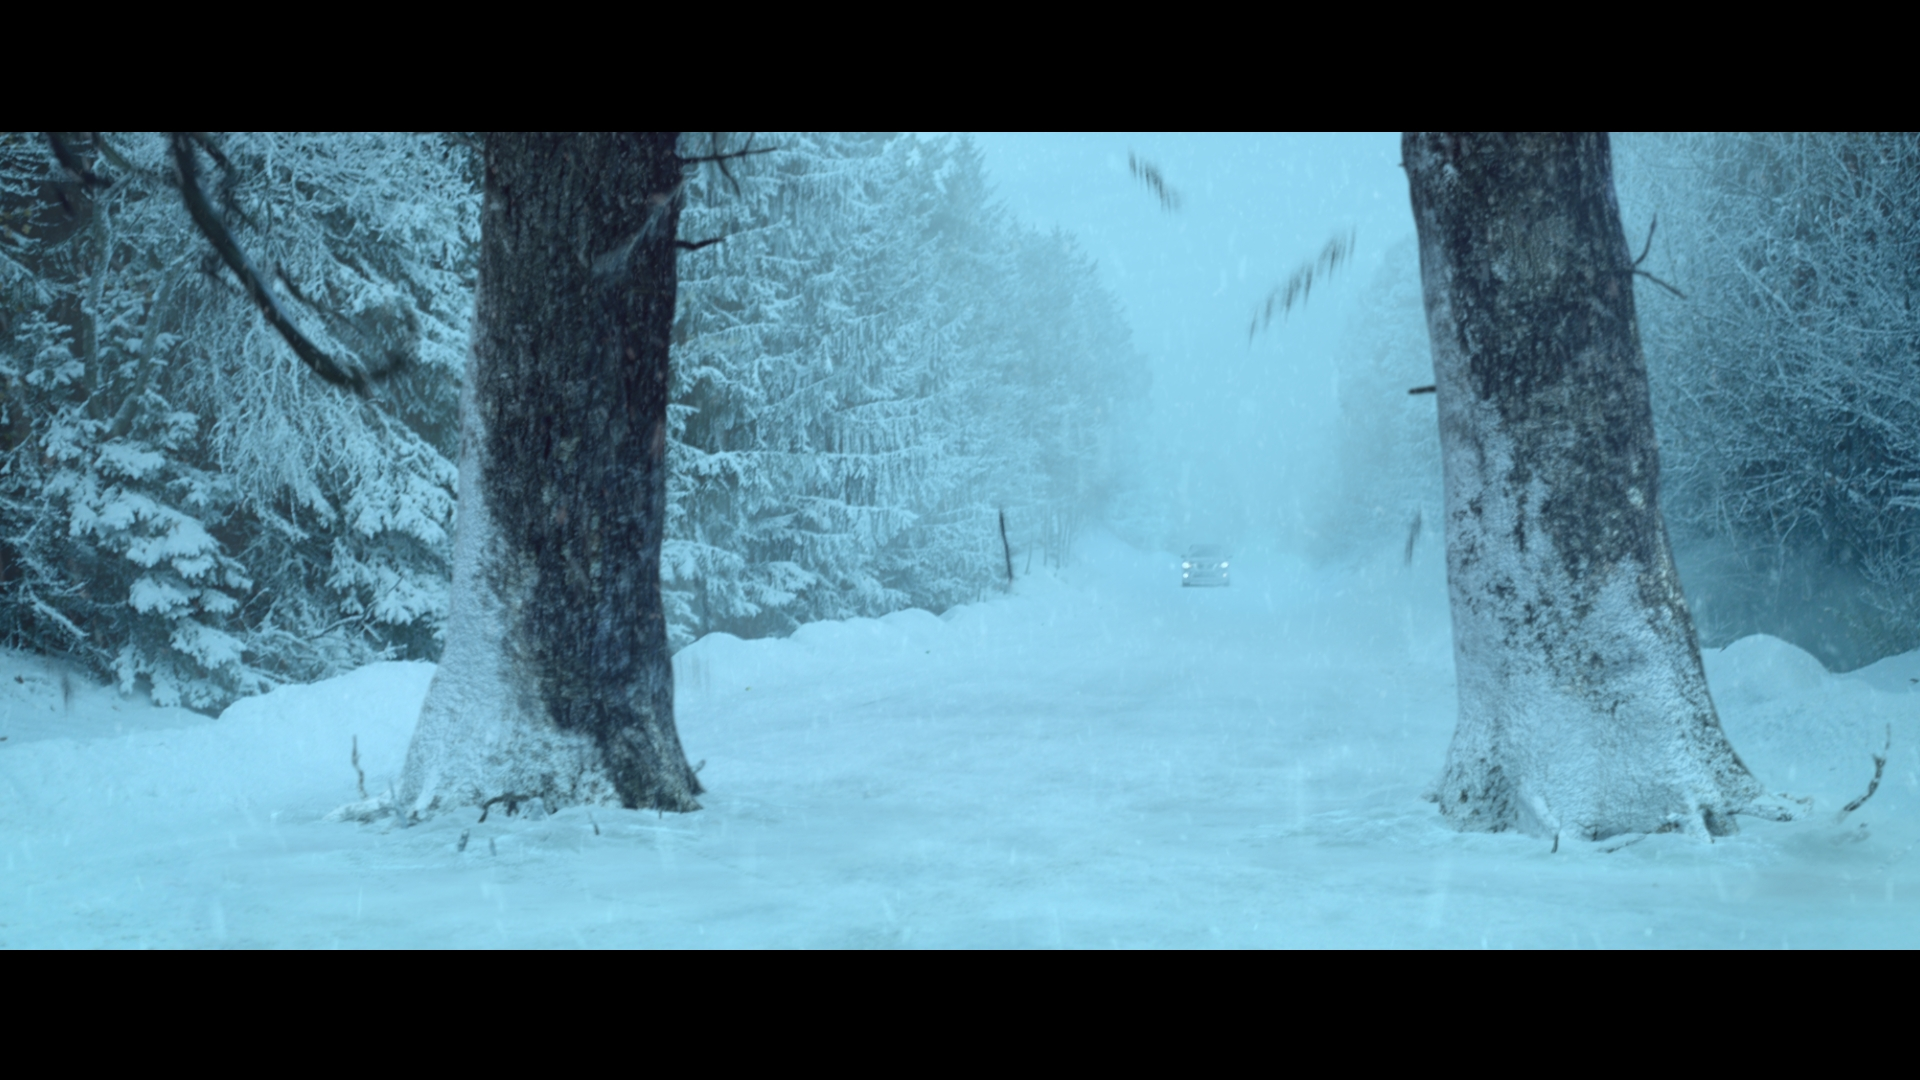 SNOWY_02.jpg